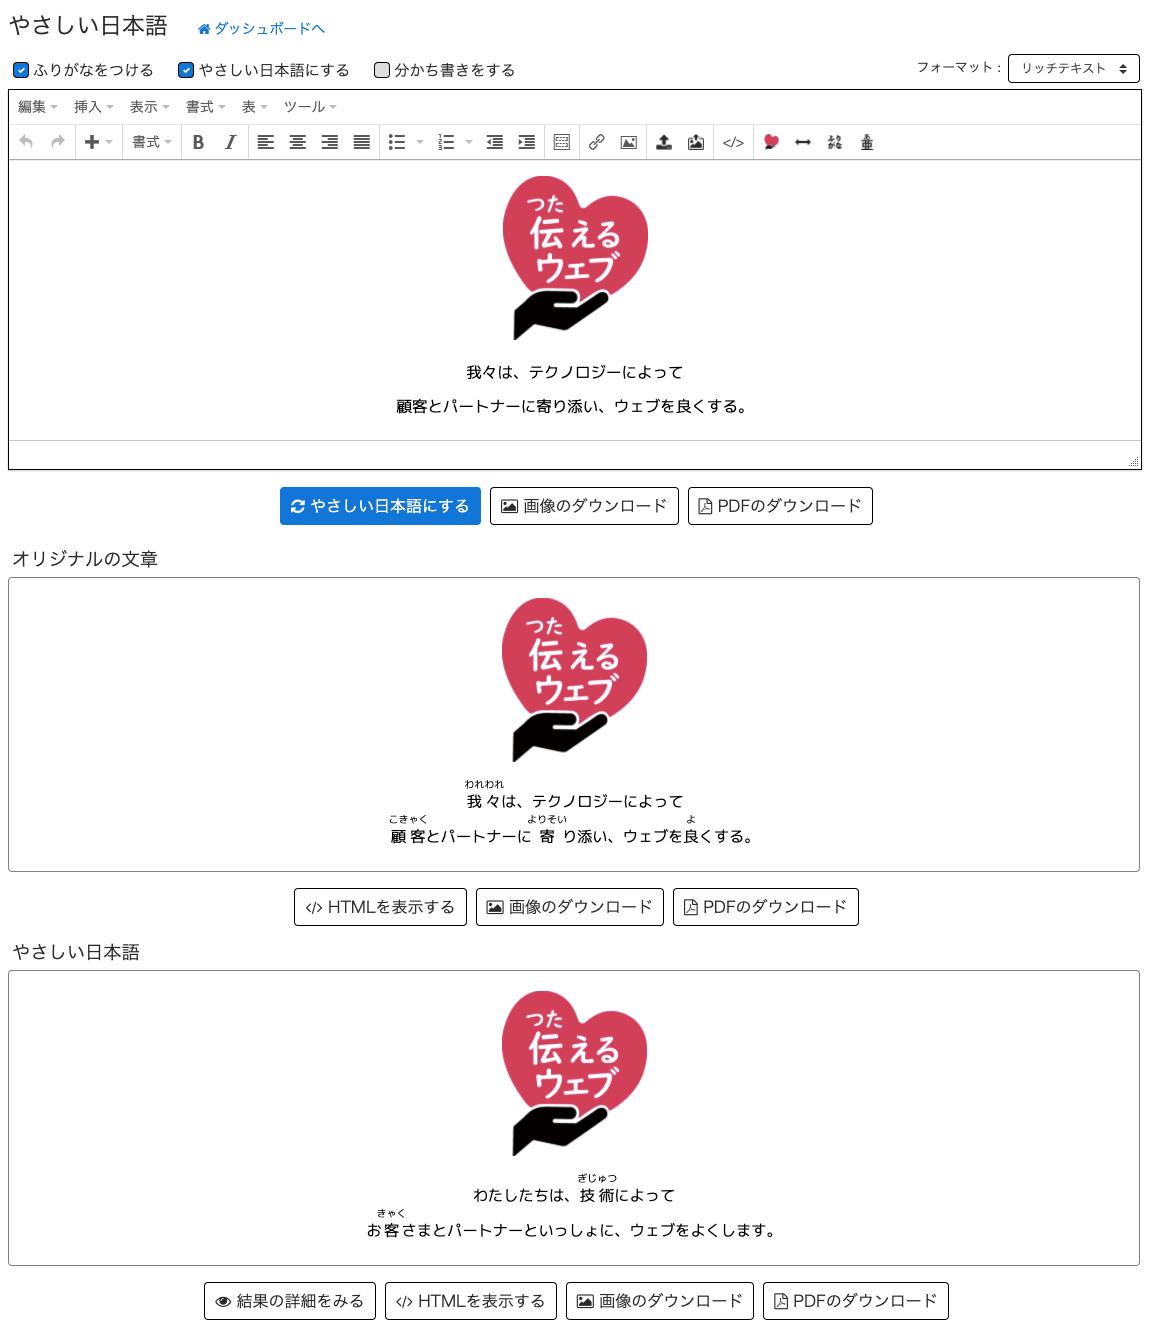 やさしい日本語エディタの変換結果画面